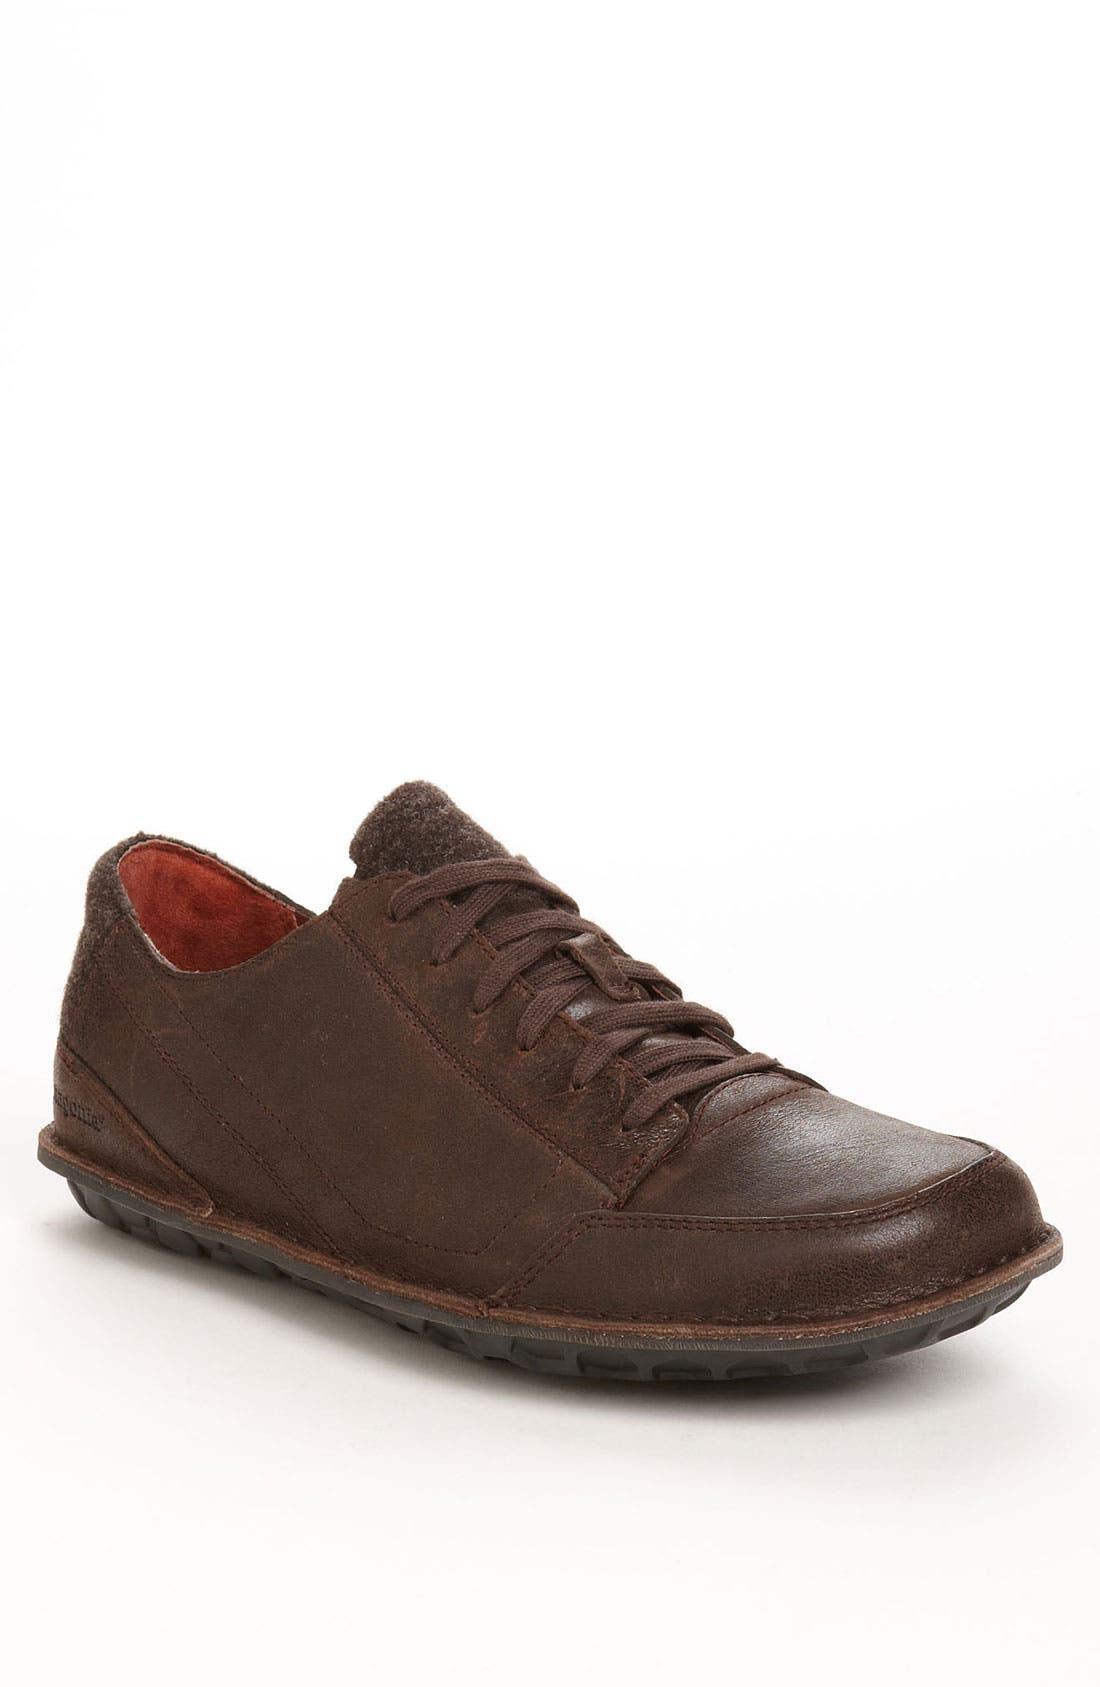 Main Image - Patagonia 'Banyan' Sneaker (Online Only)